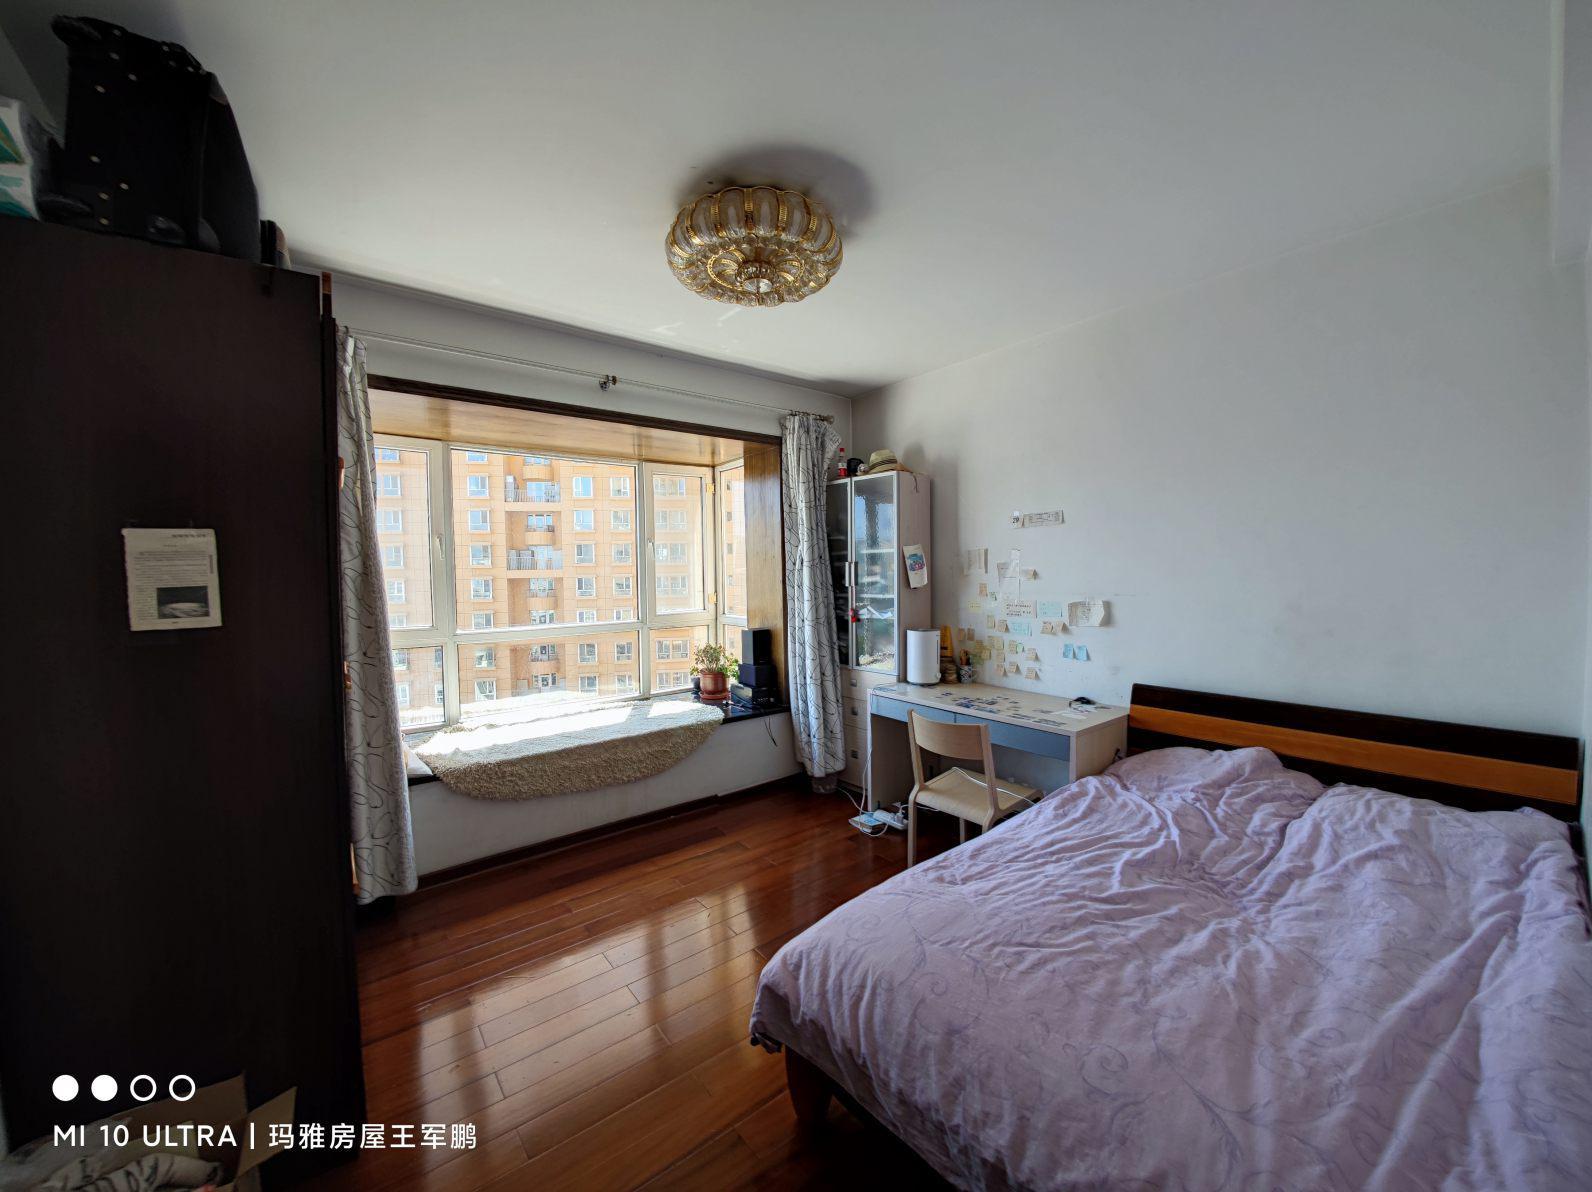 天山区幸福路普通3室2厅2卫二手房出售